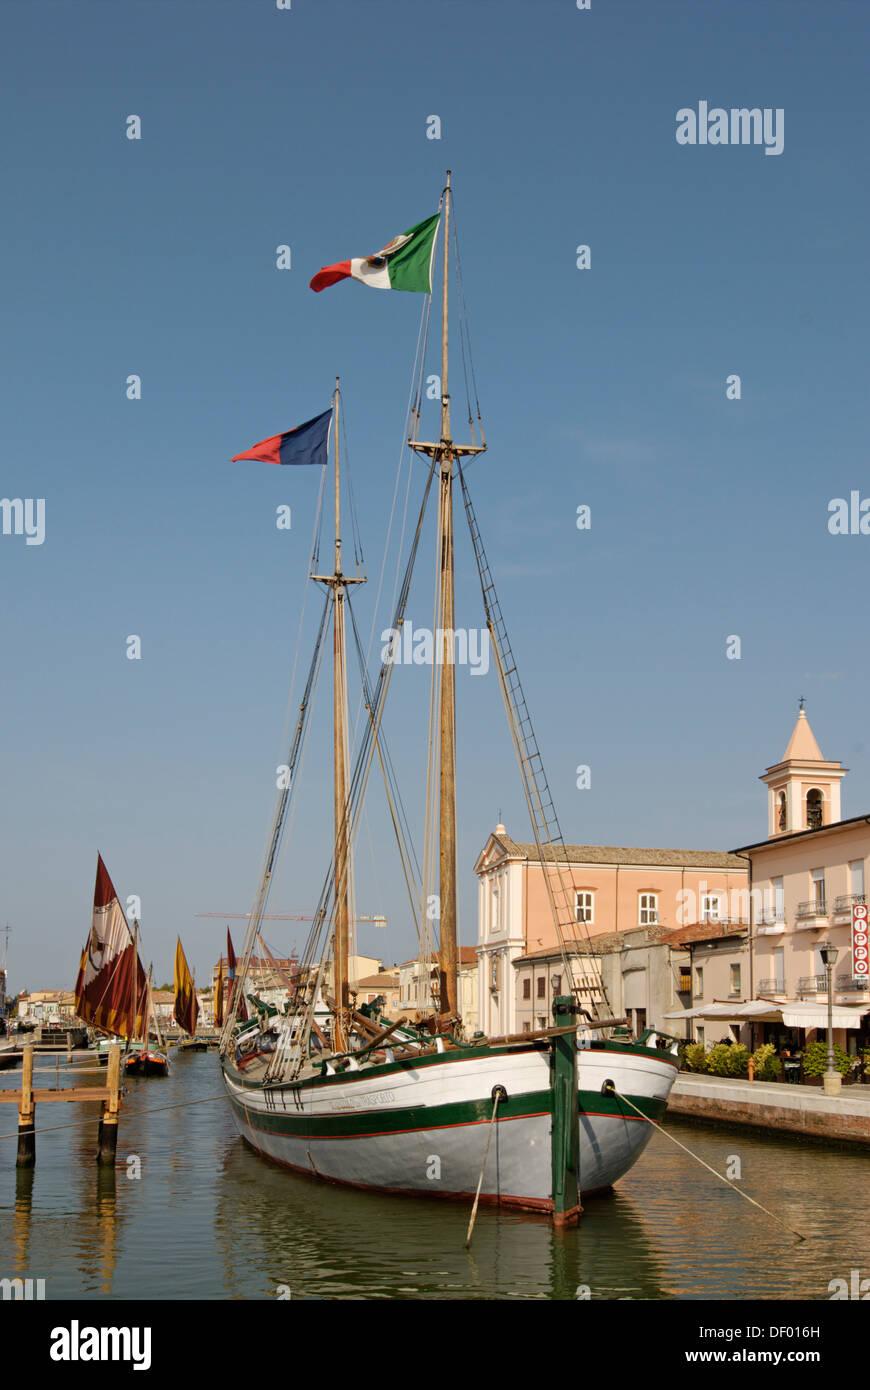 Cesenatico, at the Adriatic Sea, Adriatic coast, Marine Museum Museo della Marineria at the harbour, Emilia Romagna, Italy - Stock Image